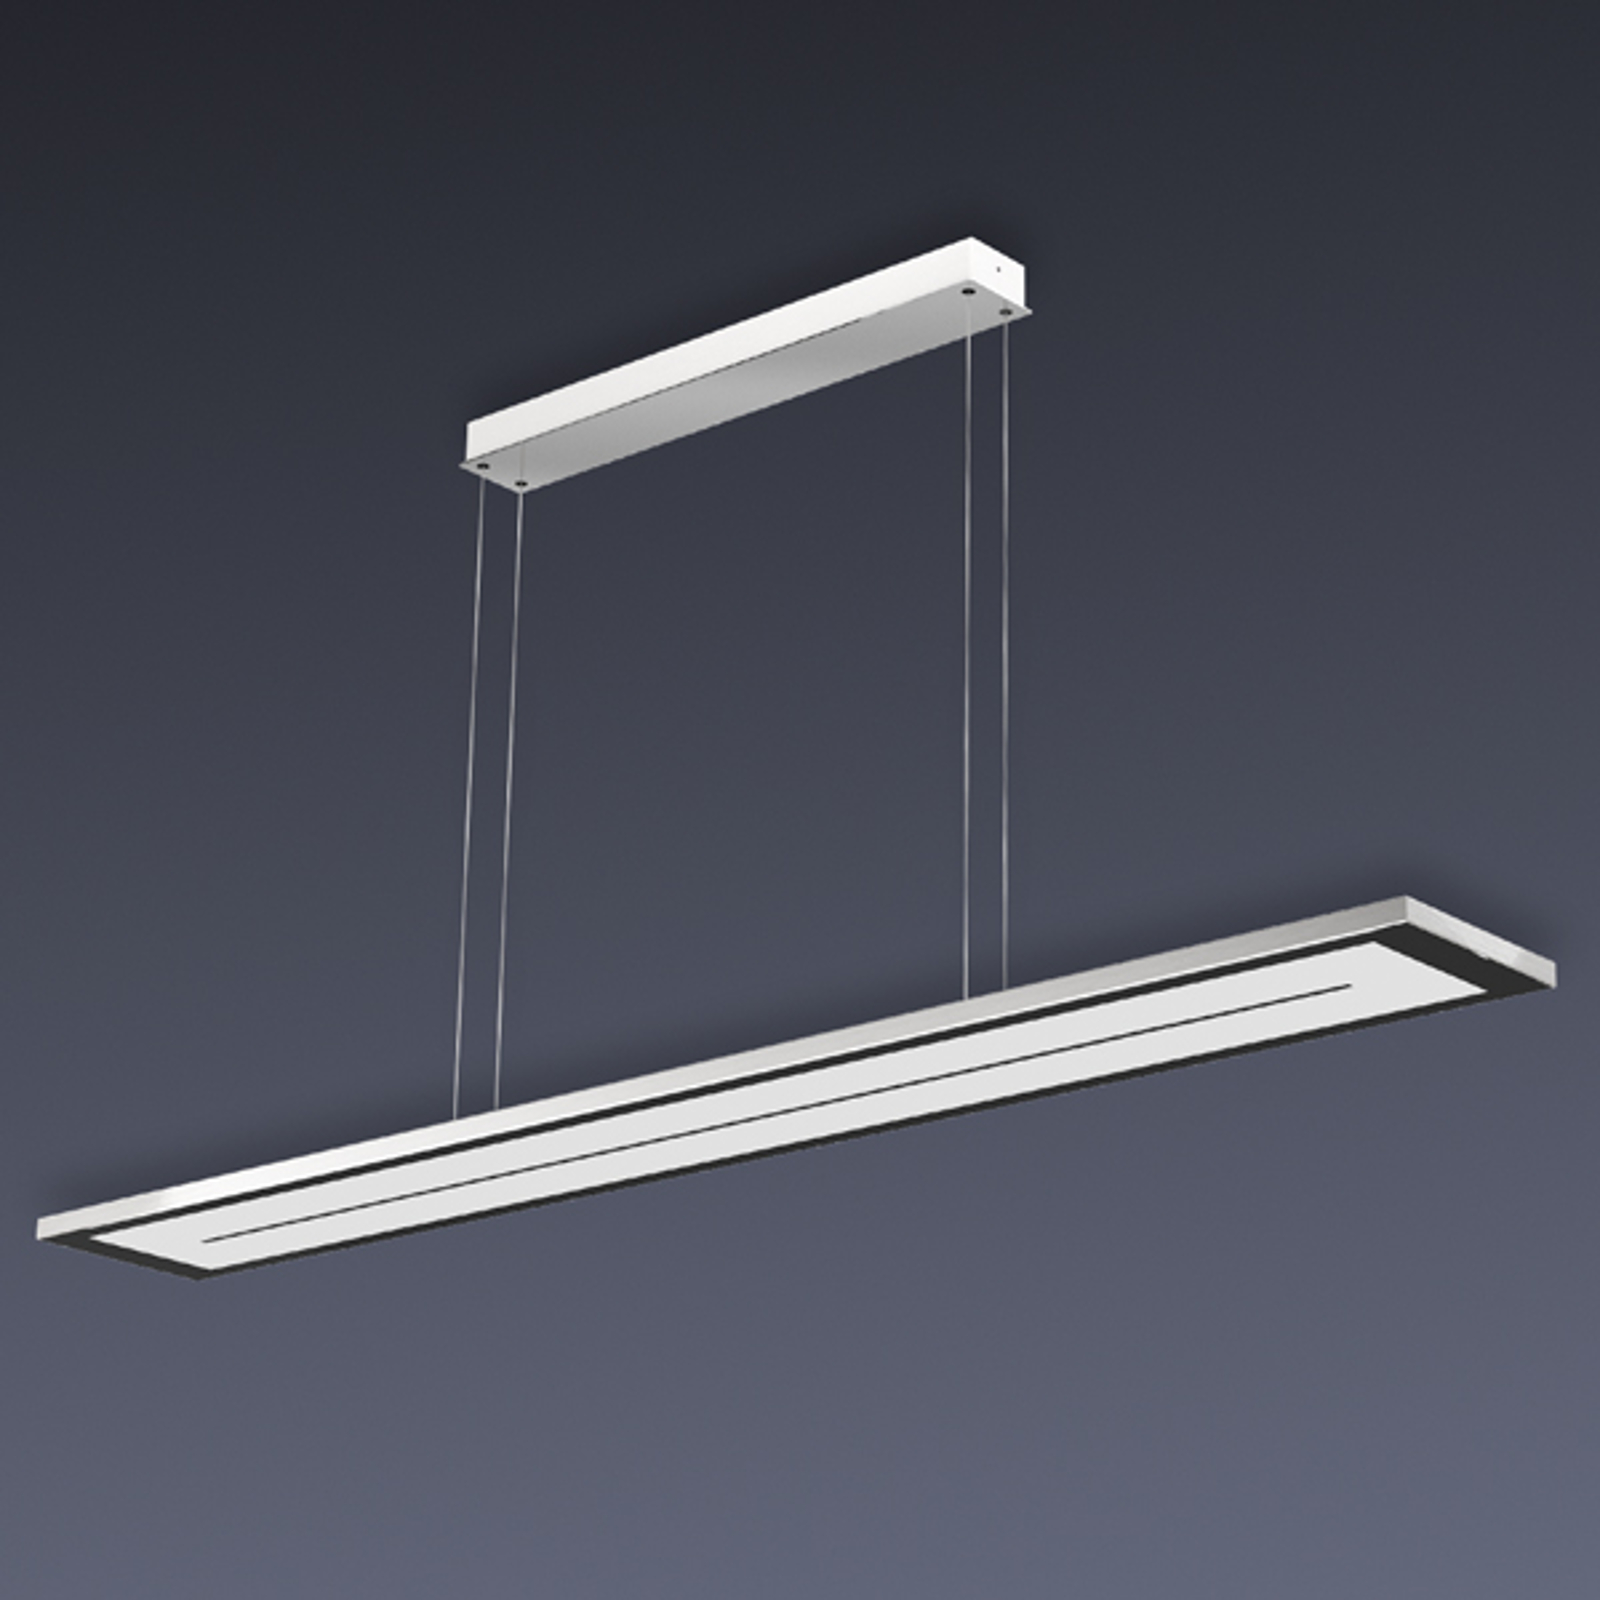 LED-pendellampe Zen - 138cm